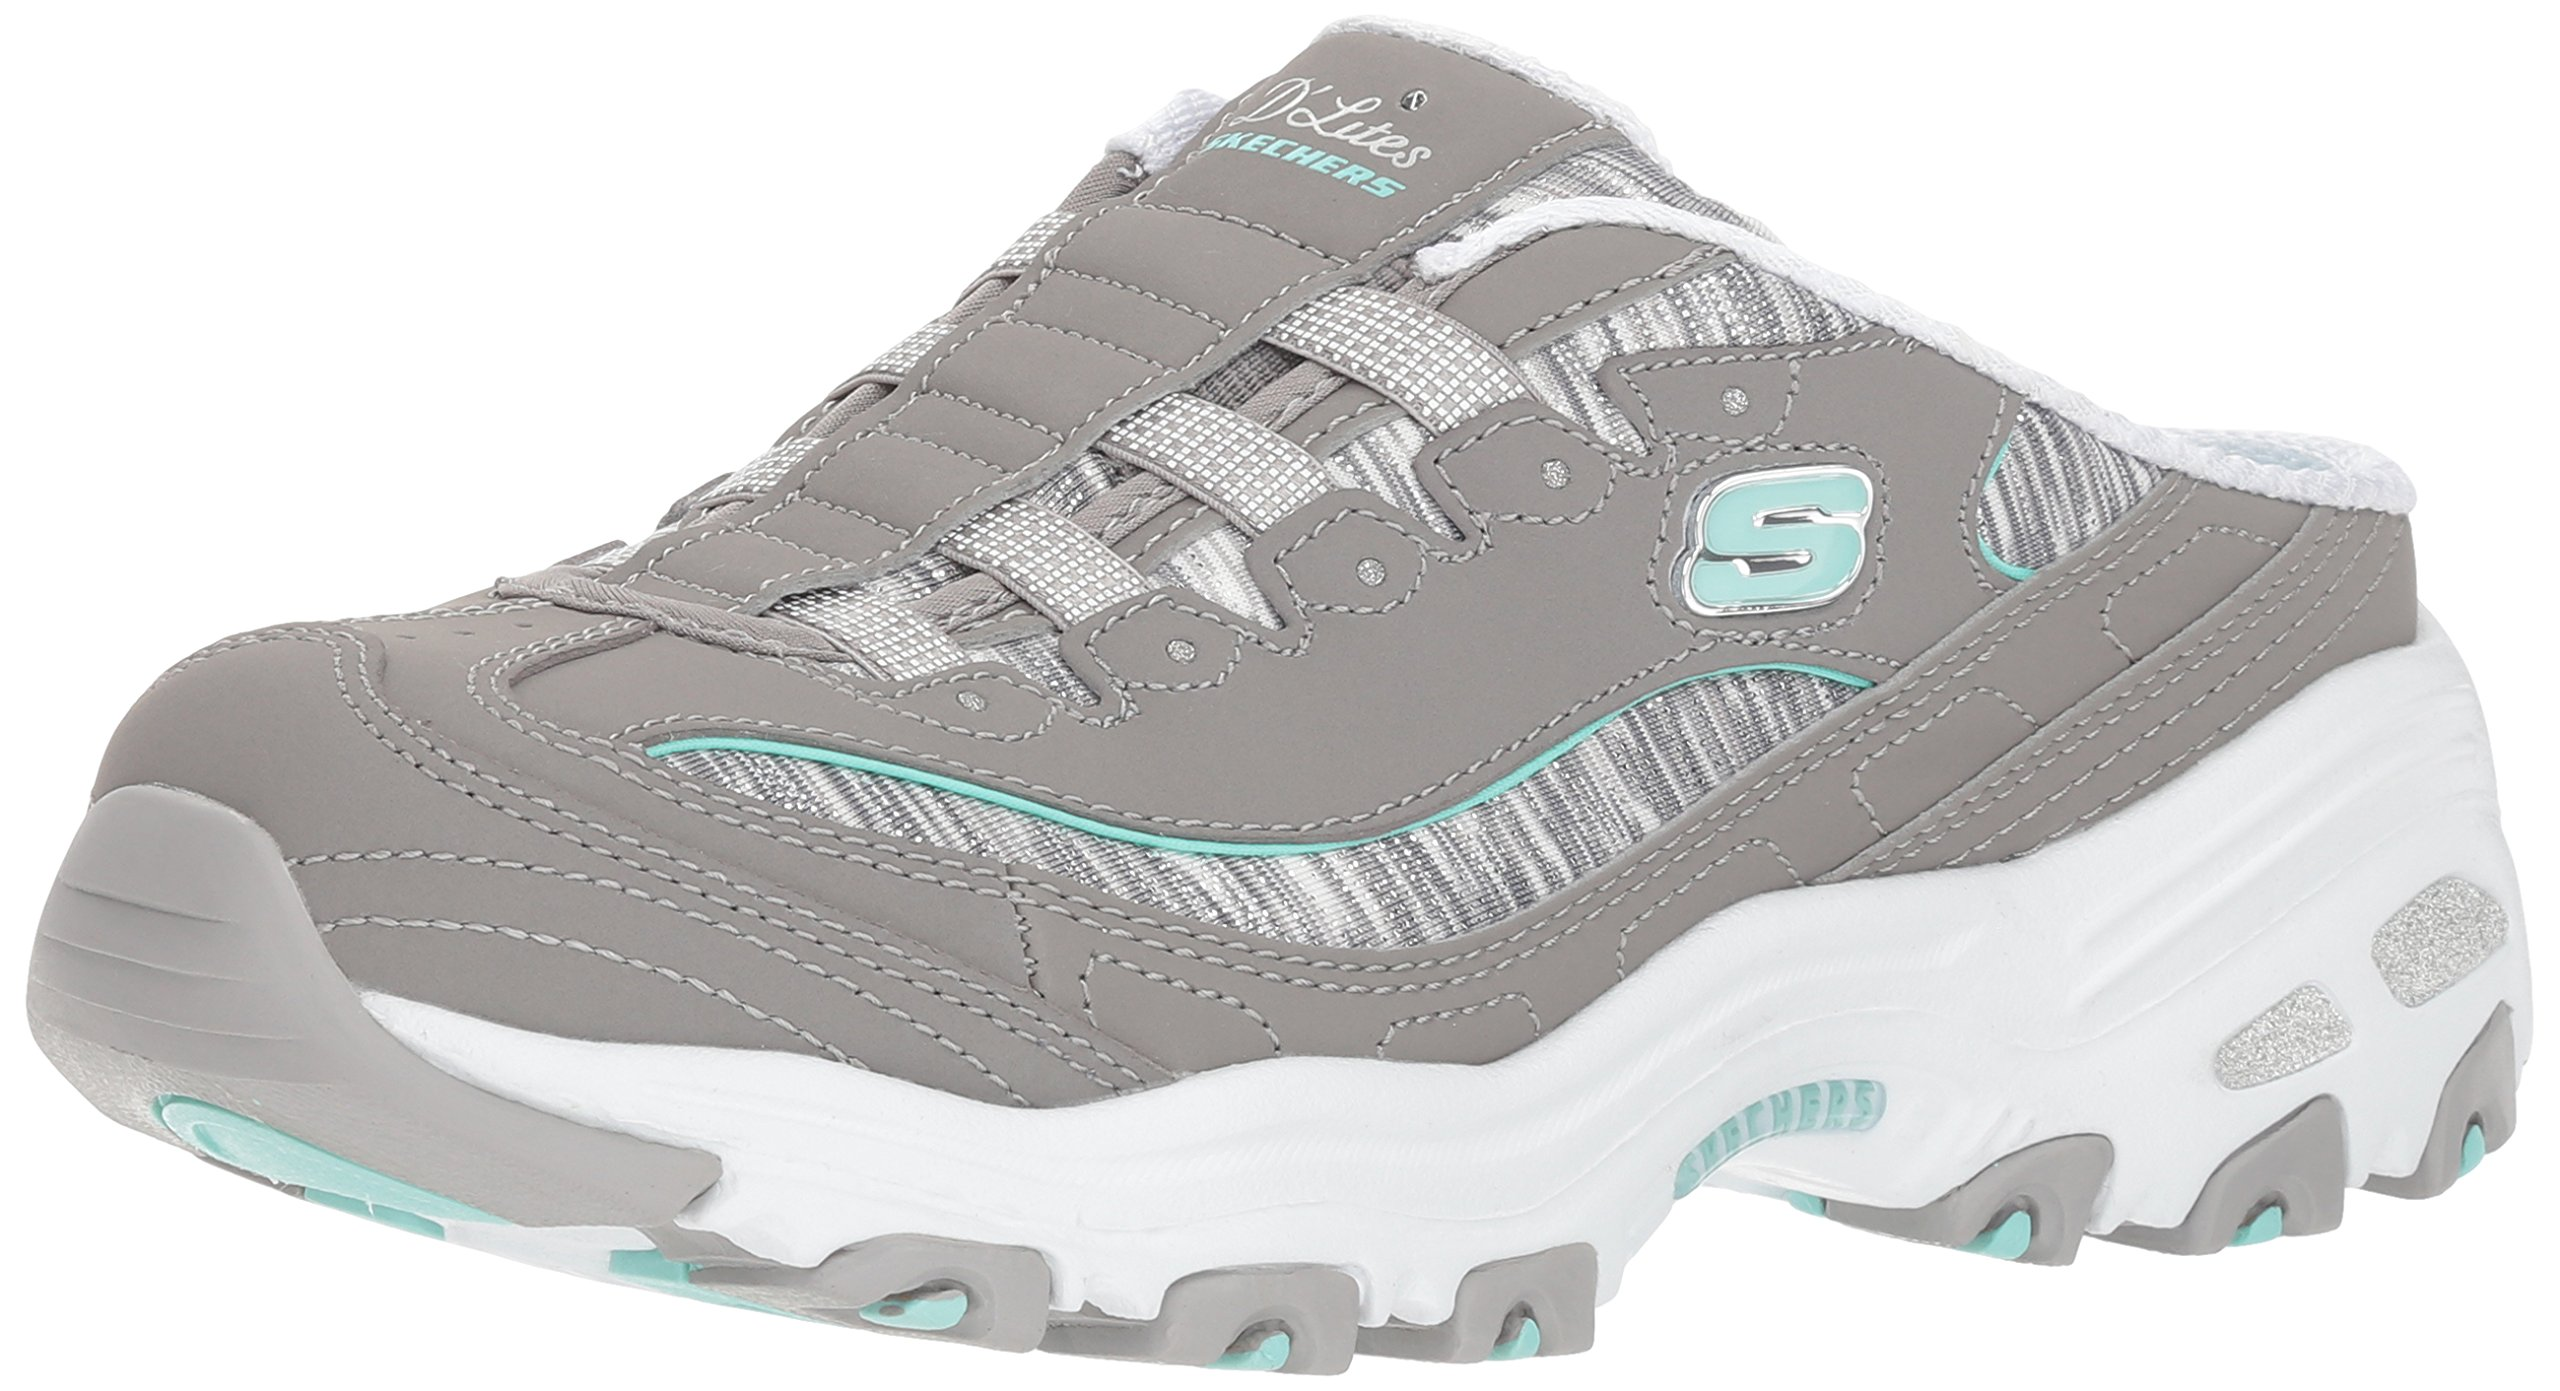 Skechers Women's D'Lites-Spark Interest Sneaker, Grey Mint, 7 M US